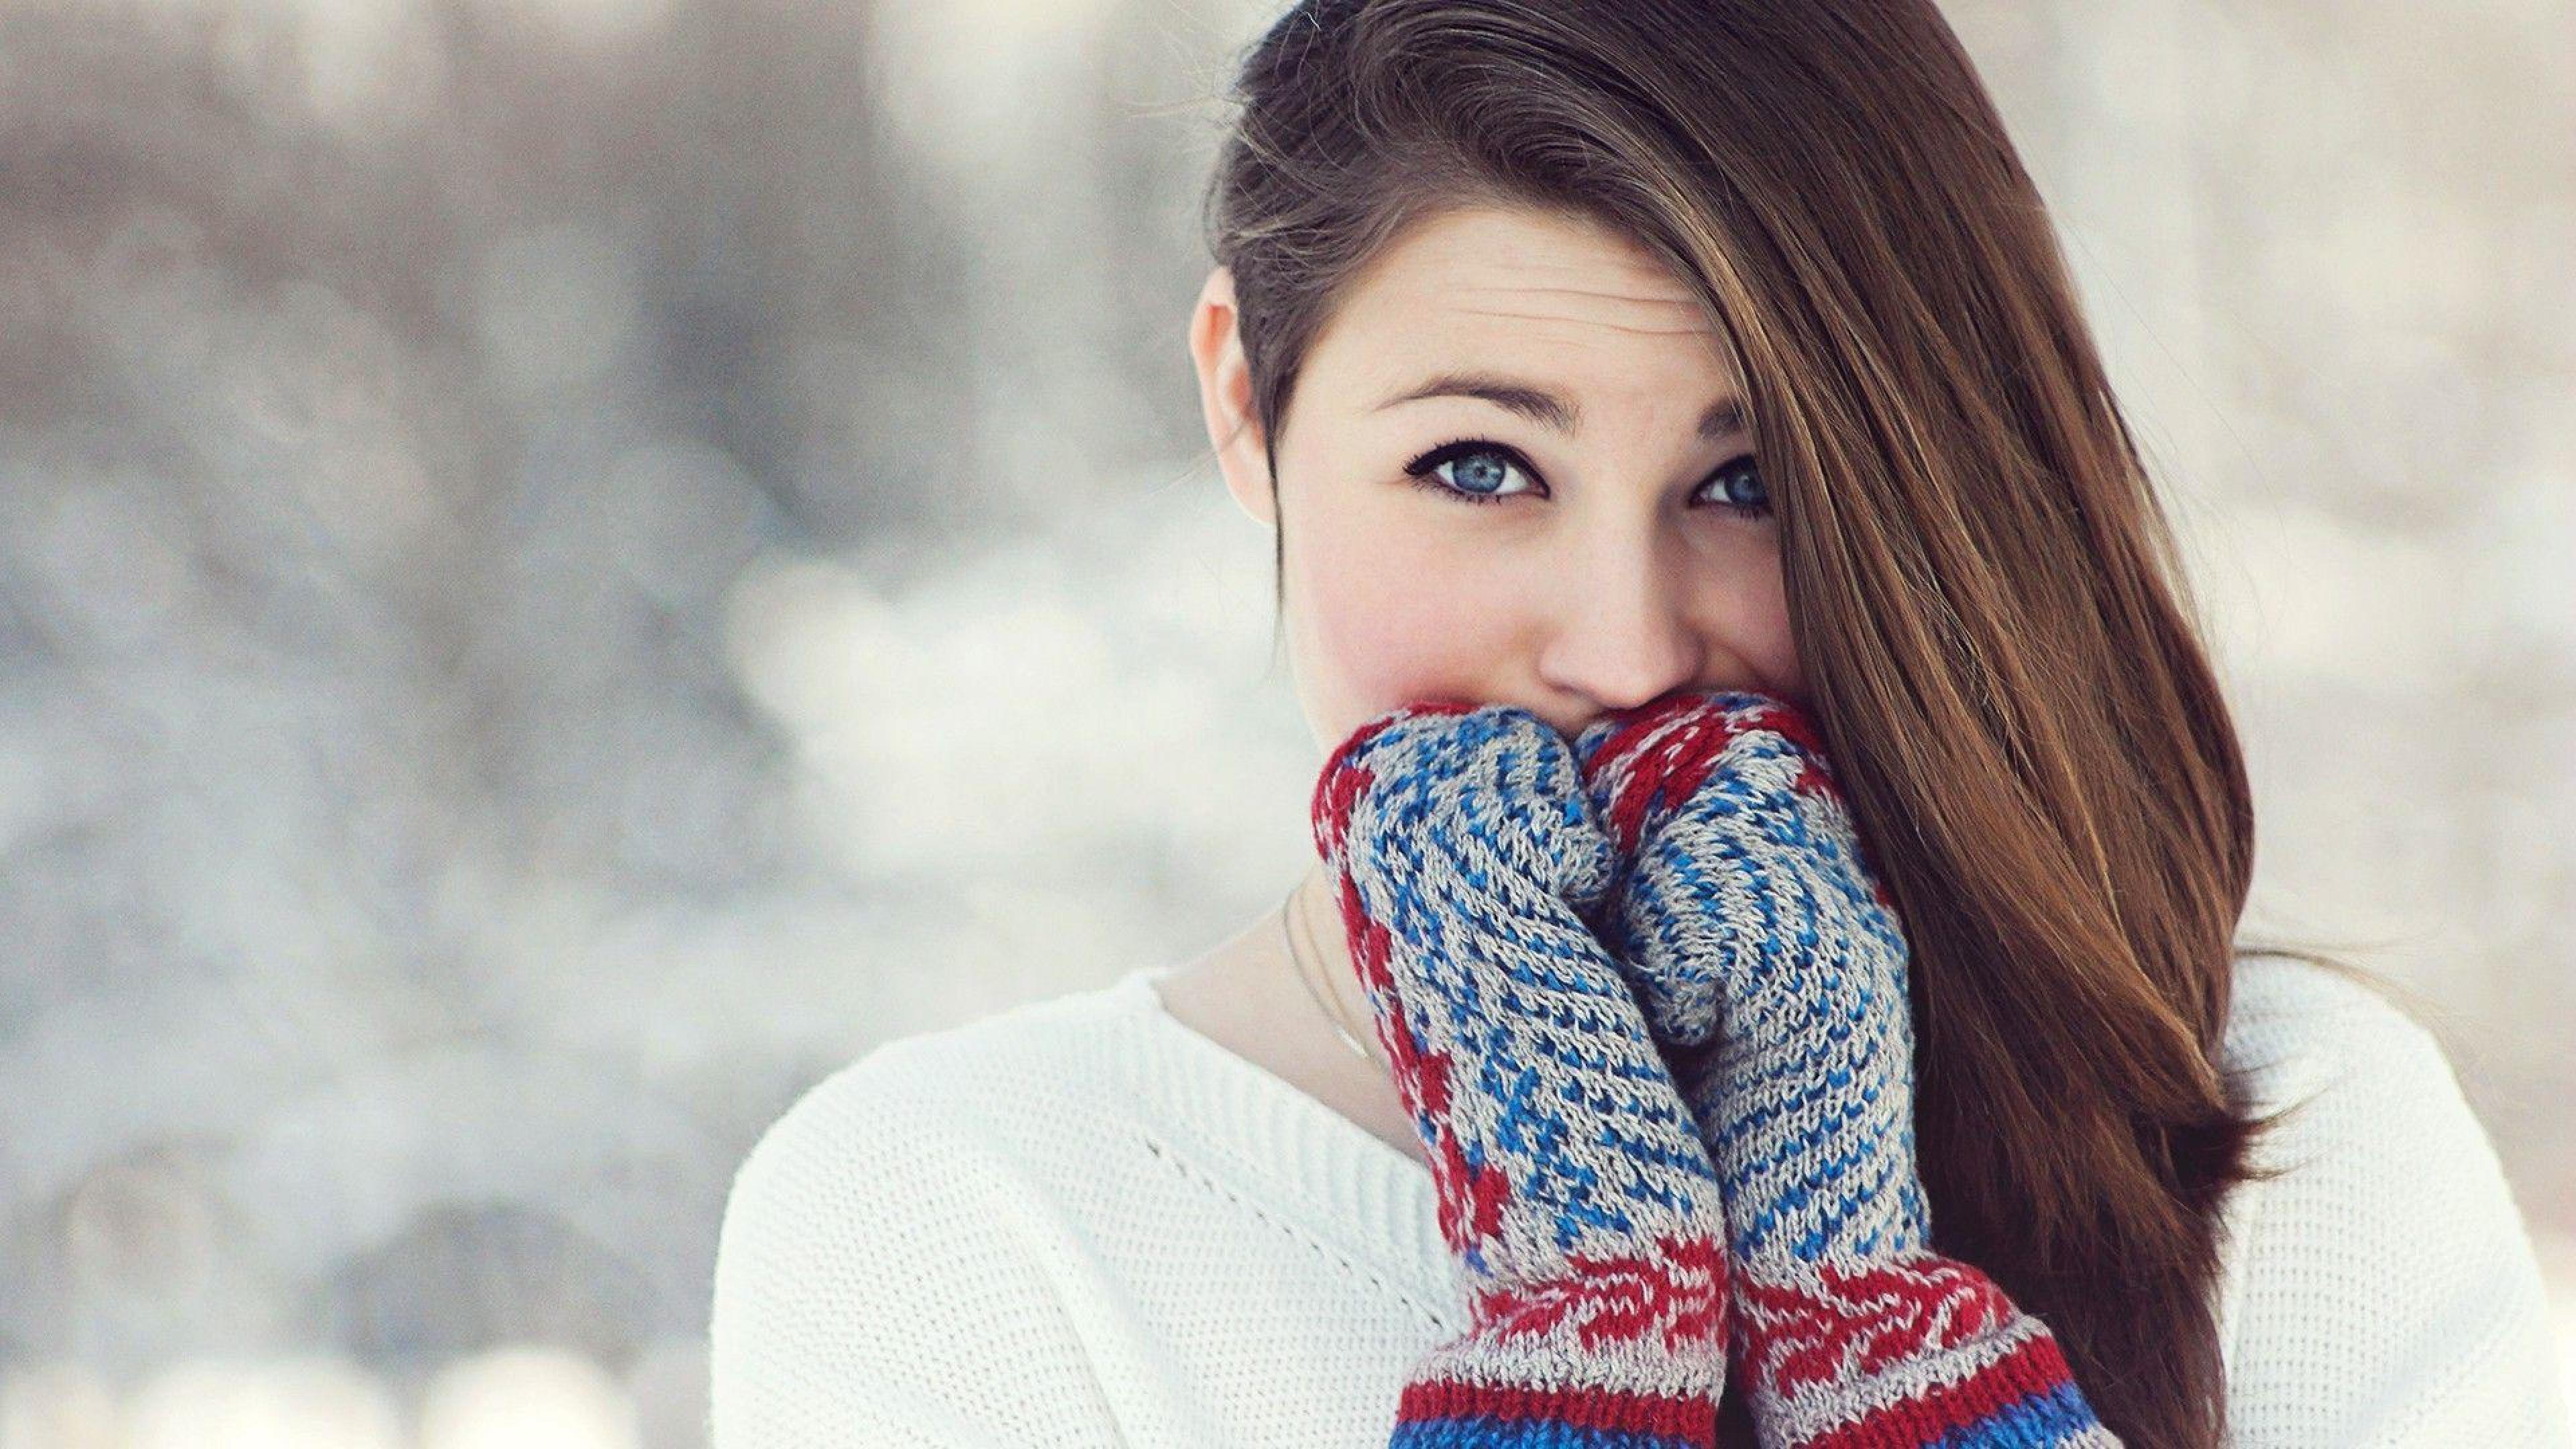 Winter Girl Computer Wallpaper